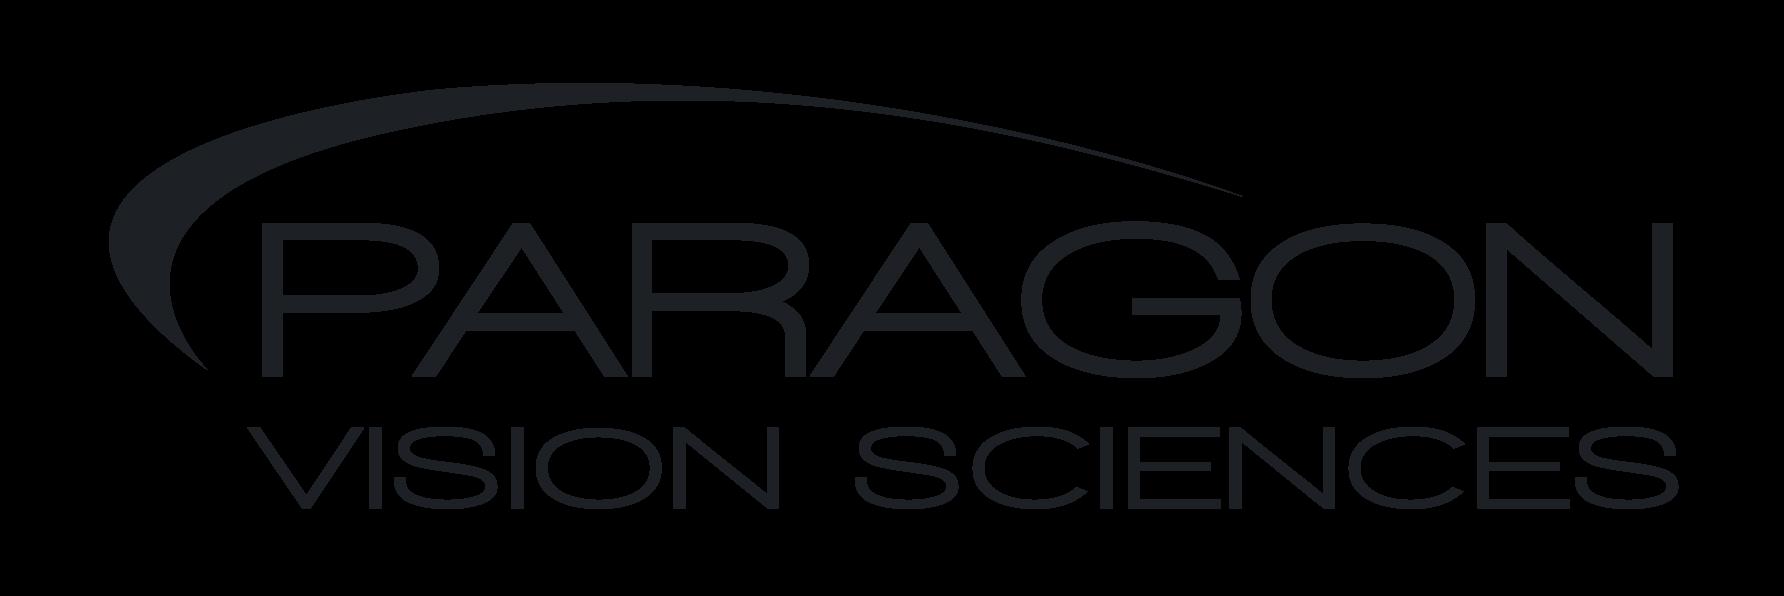 Paragon Vision